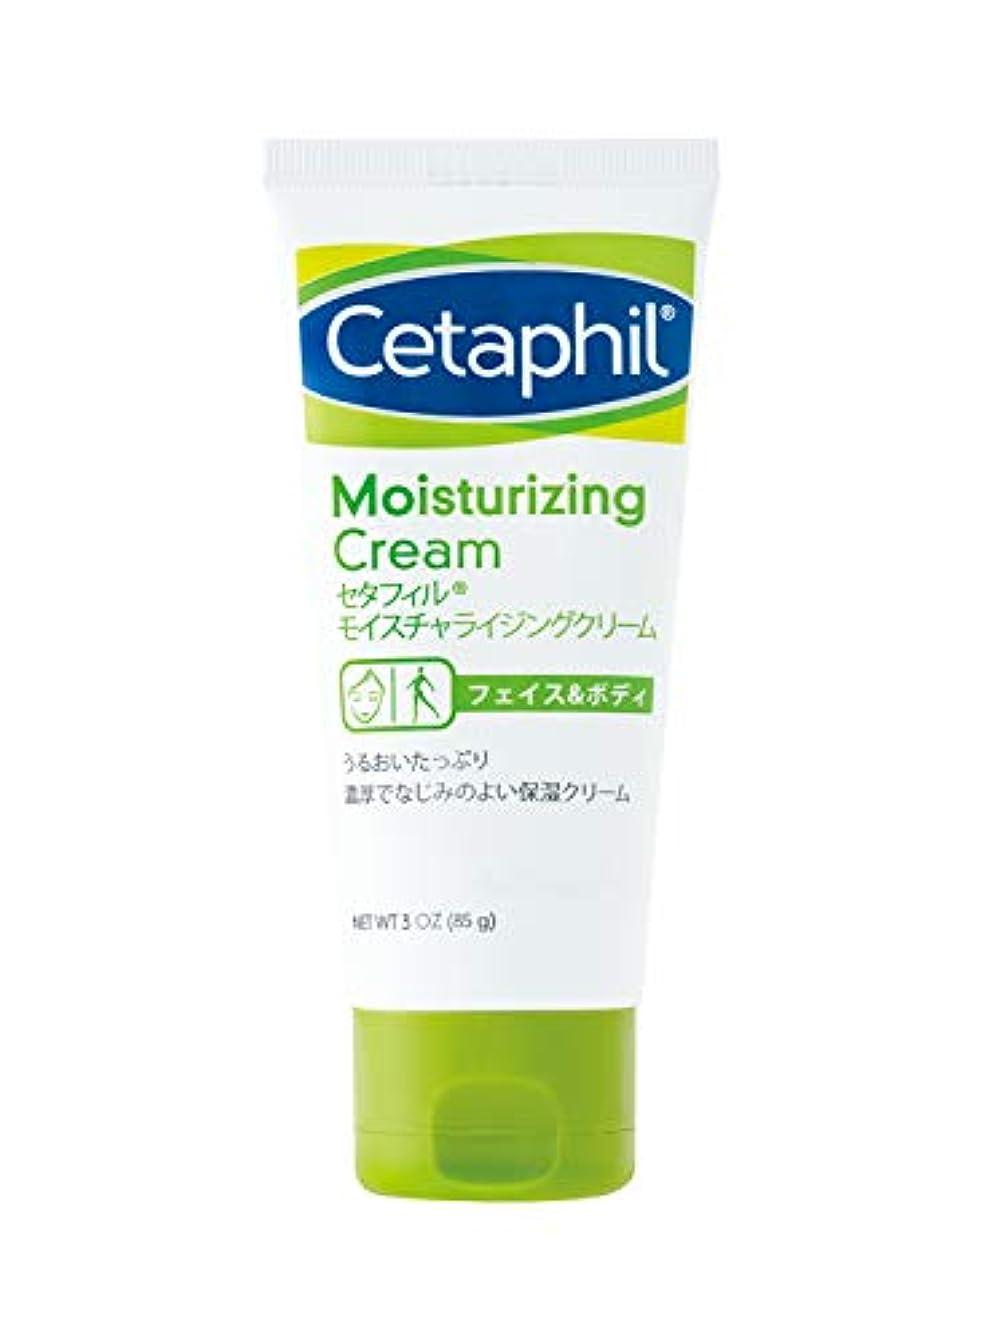 キャップ間違い密度セタフィル Cetaphil ® モイスチャライジングクリーム 85g ( フェイス & ボディ 保湿クリーム クリーム )